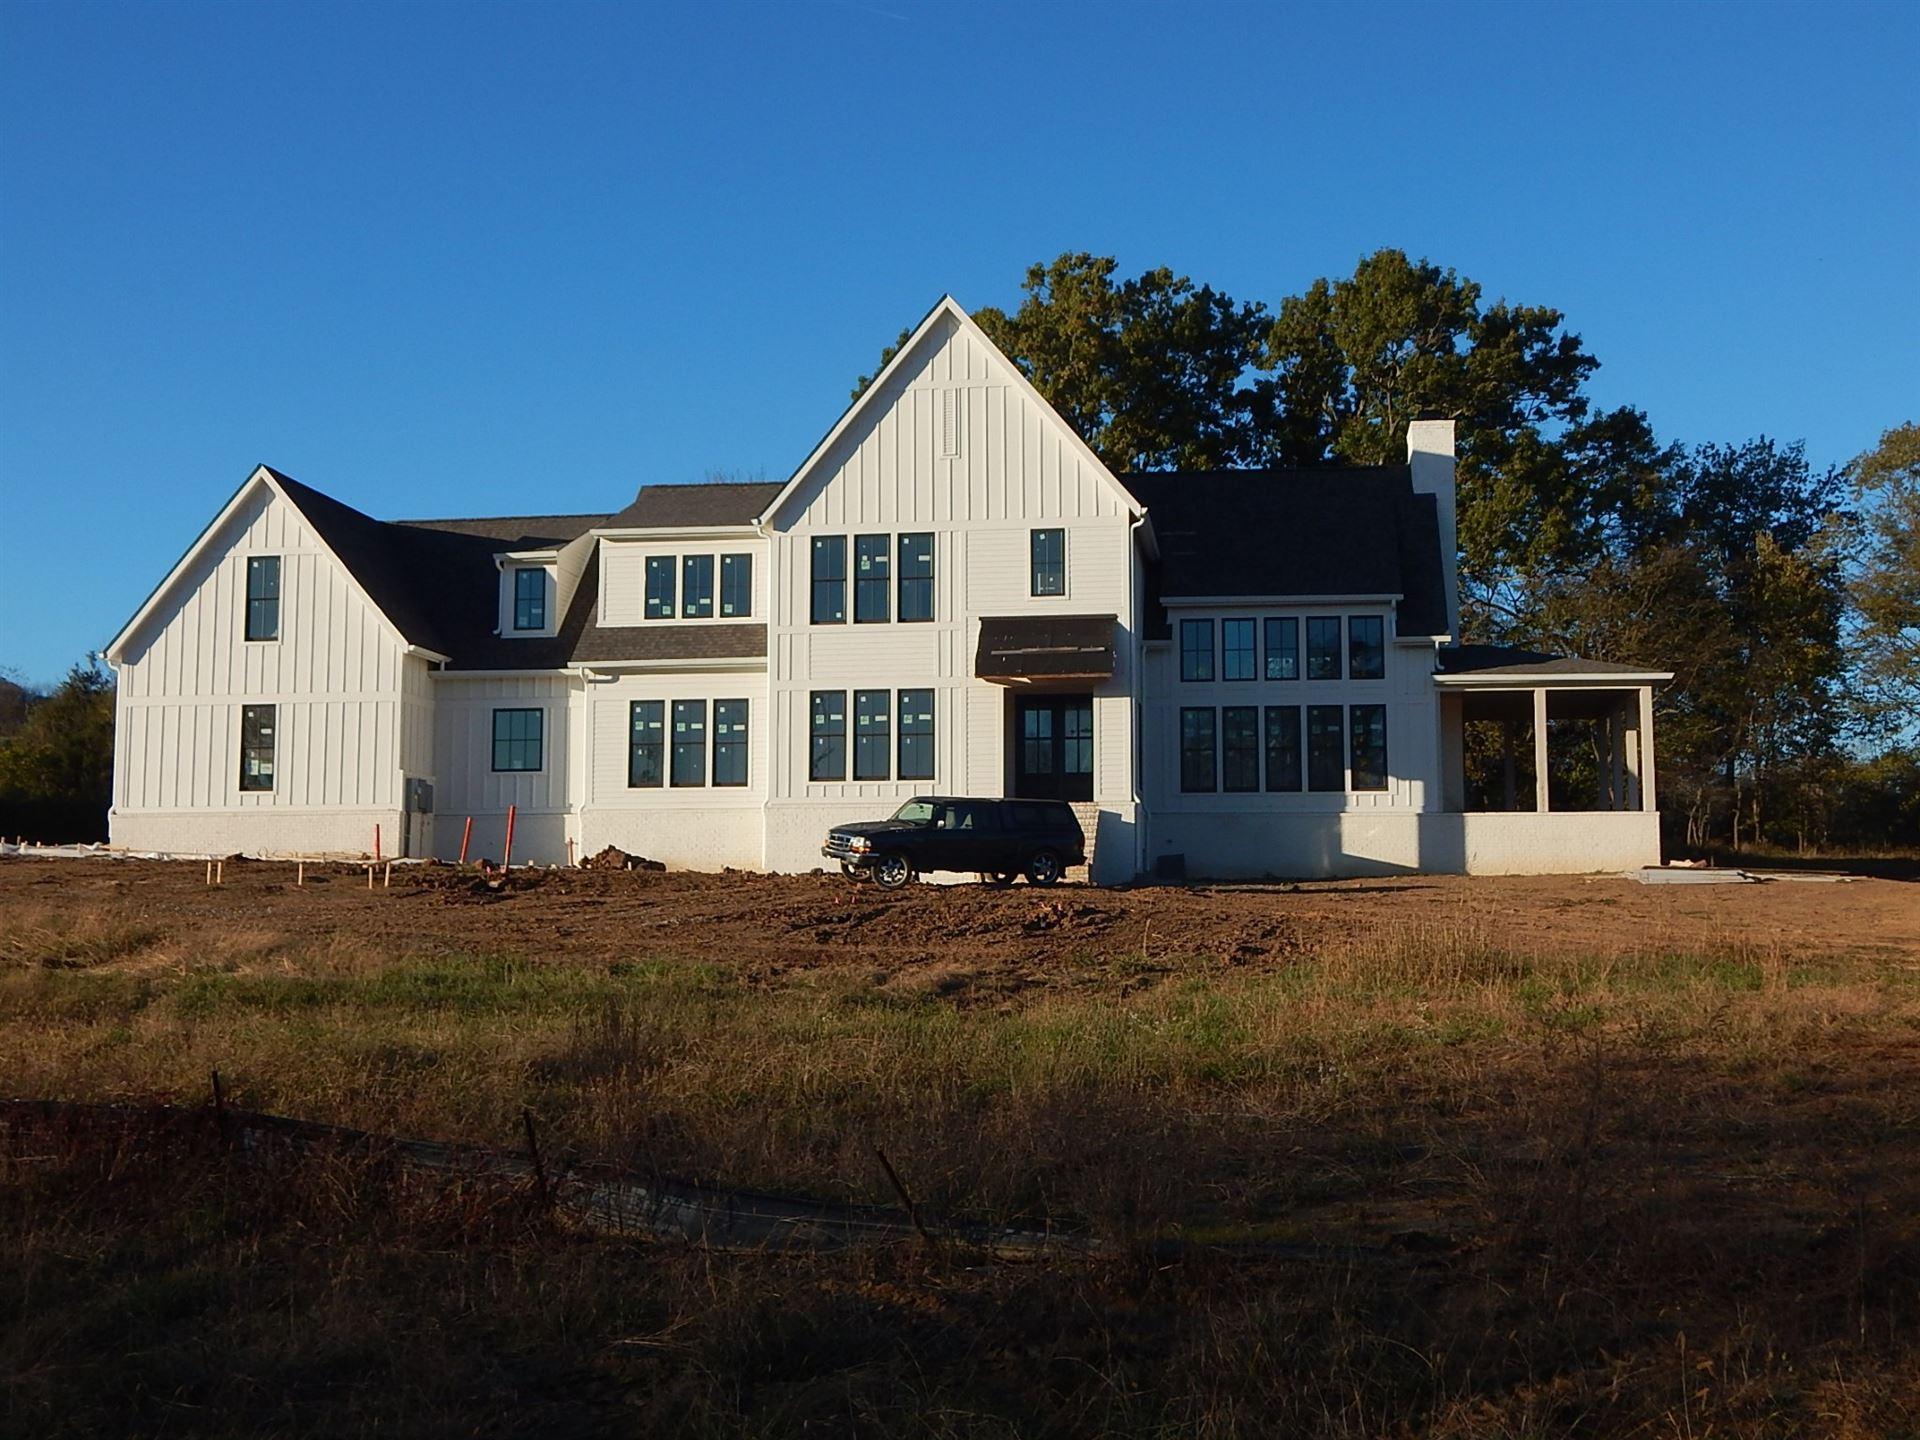 Photo of 4704 Farmstead Ln, Lot 1, Franklin, TN 37064 (MLS # 2156271)